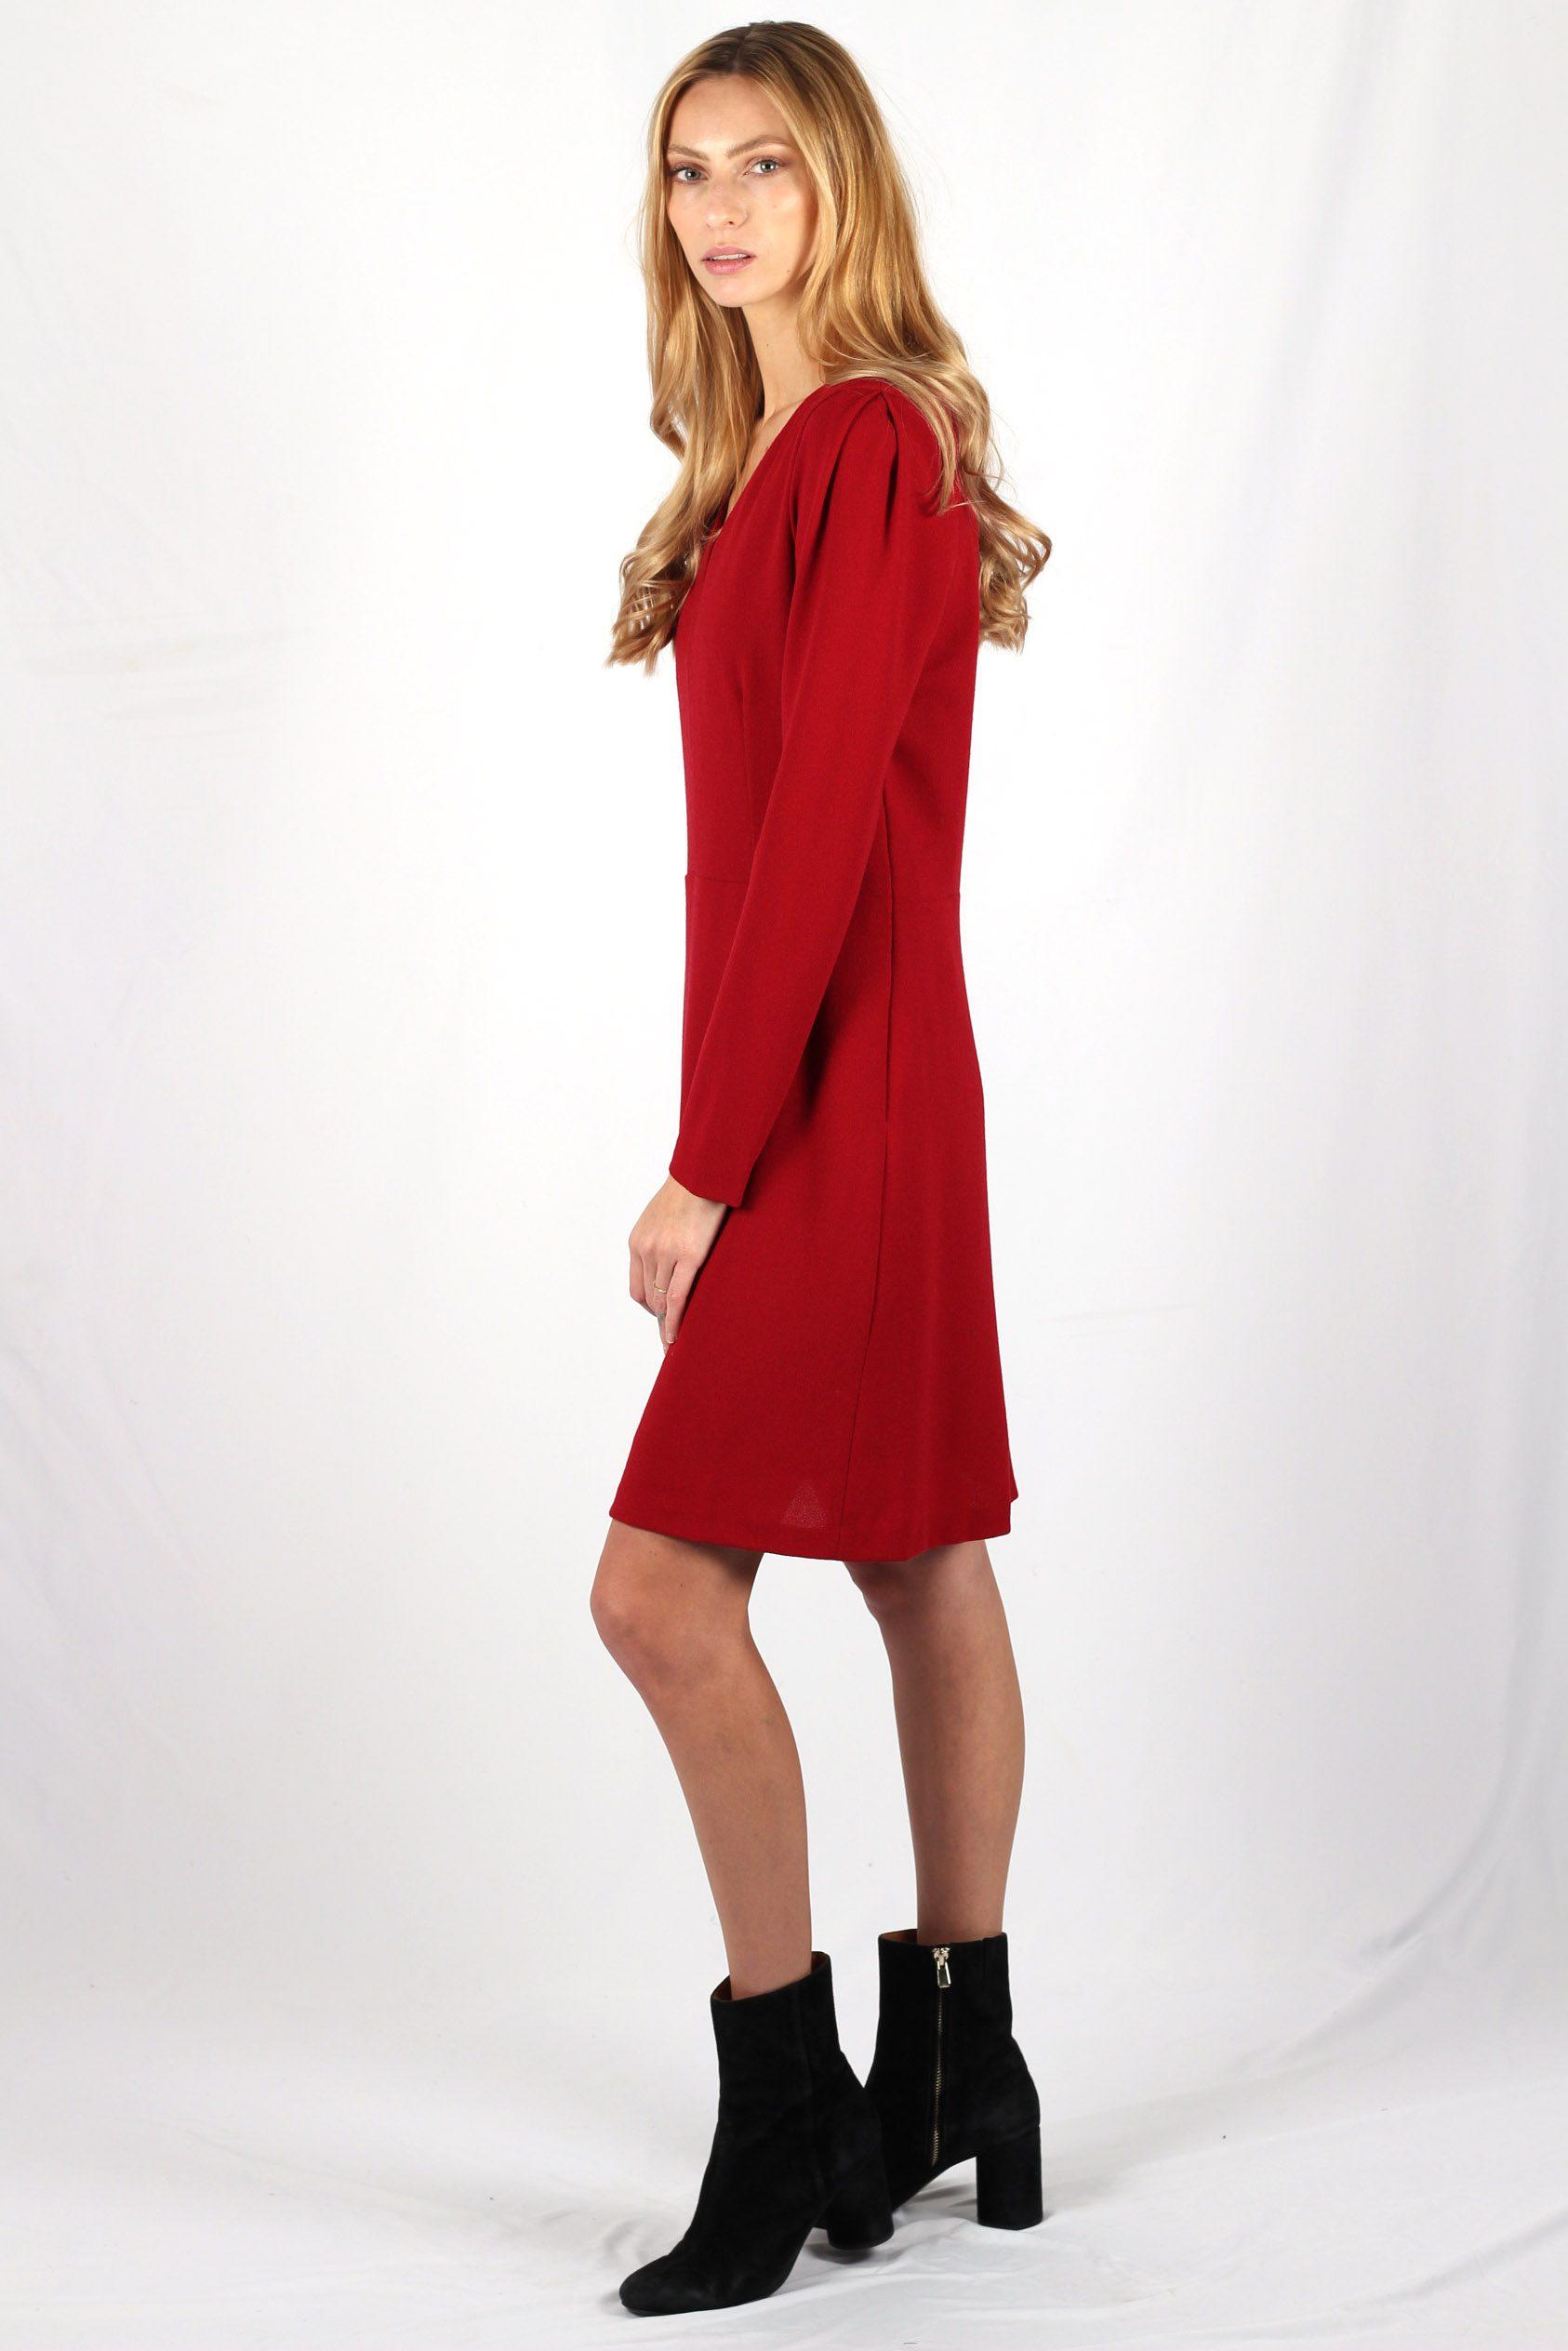 robe rouge cintrée en crêpe de laine